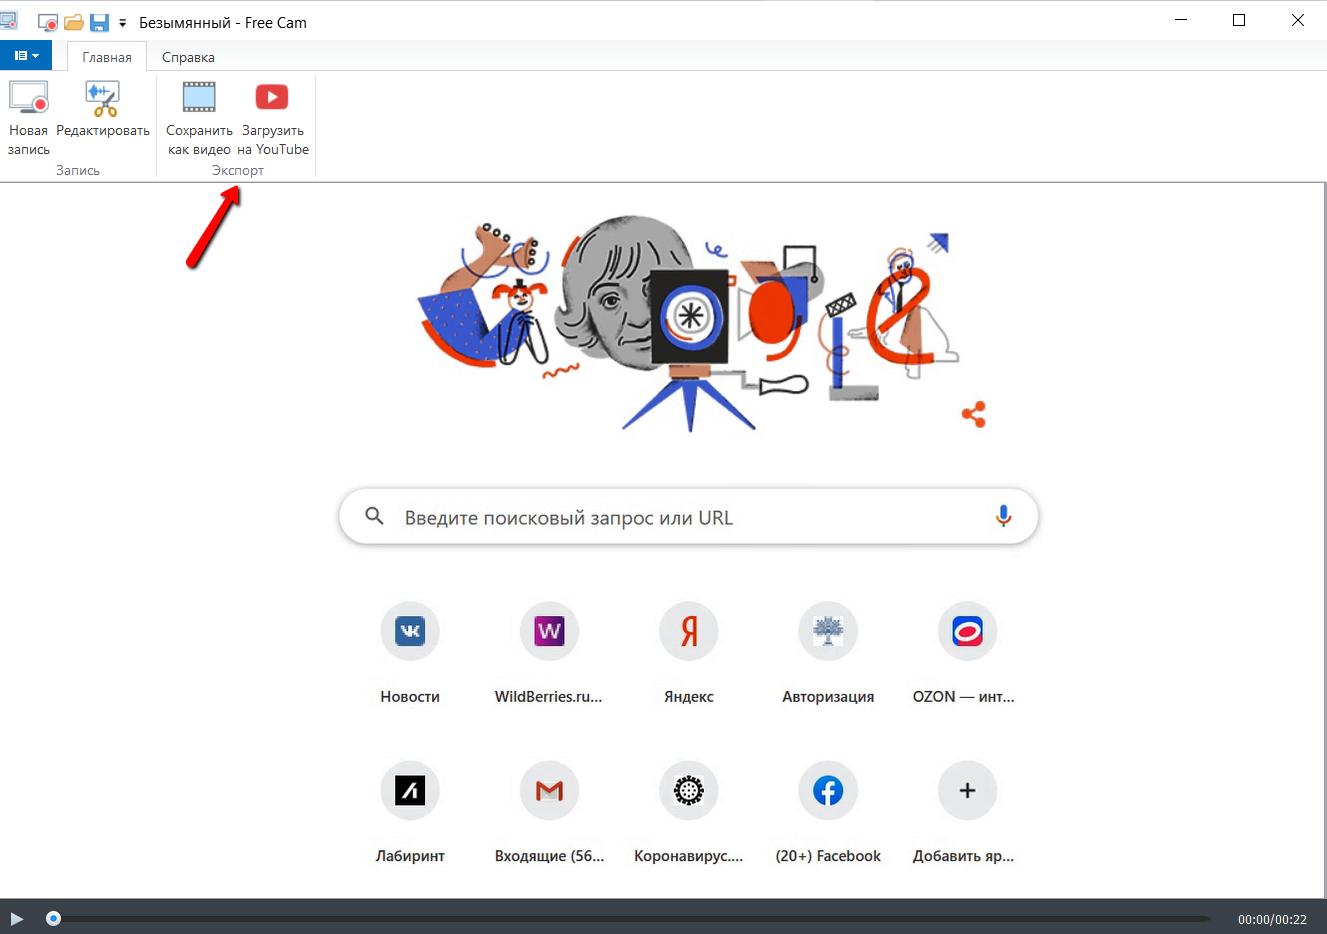 Готовую видеозапись можно сохранить в формате WMV (720p) или загрузить на YouTube в 1 клик